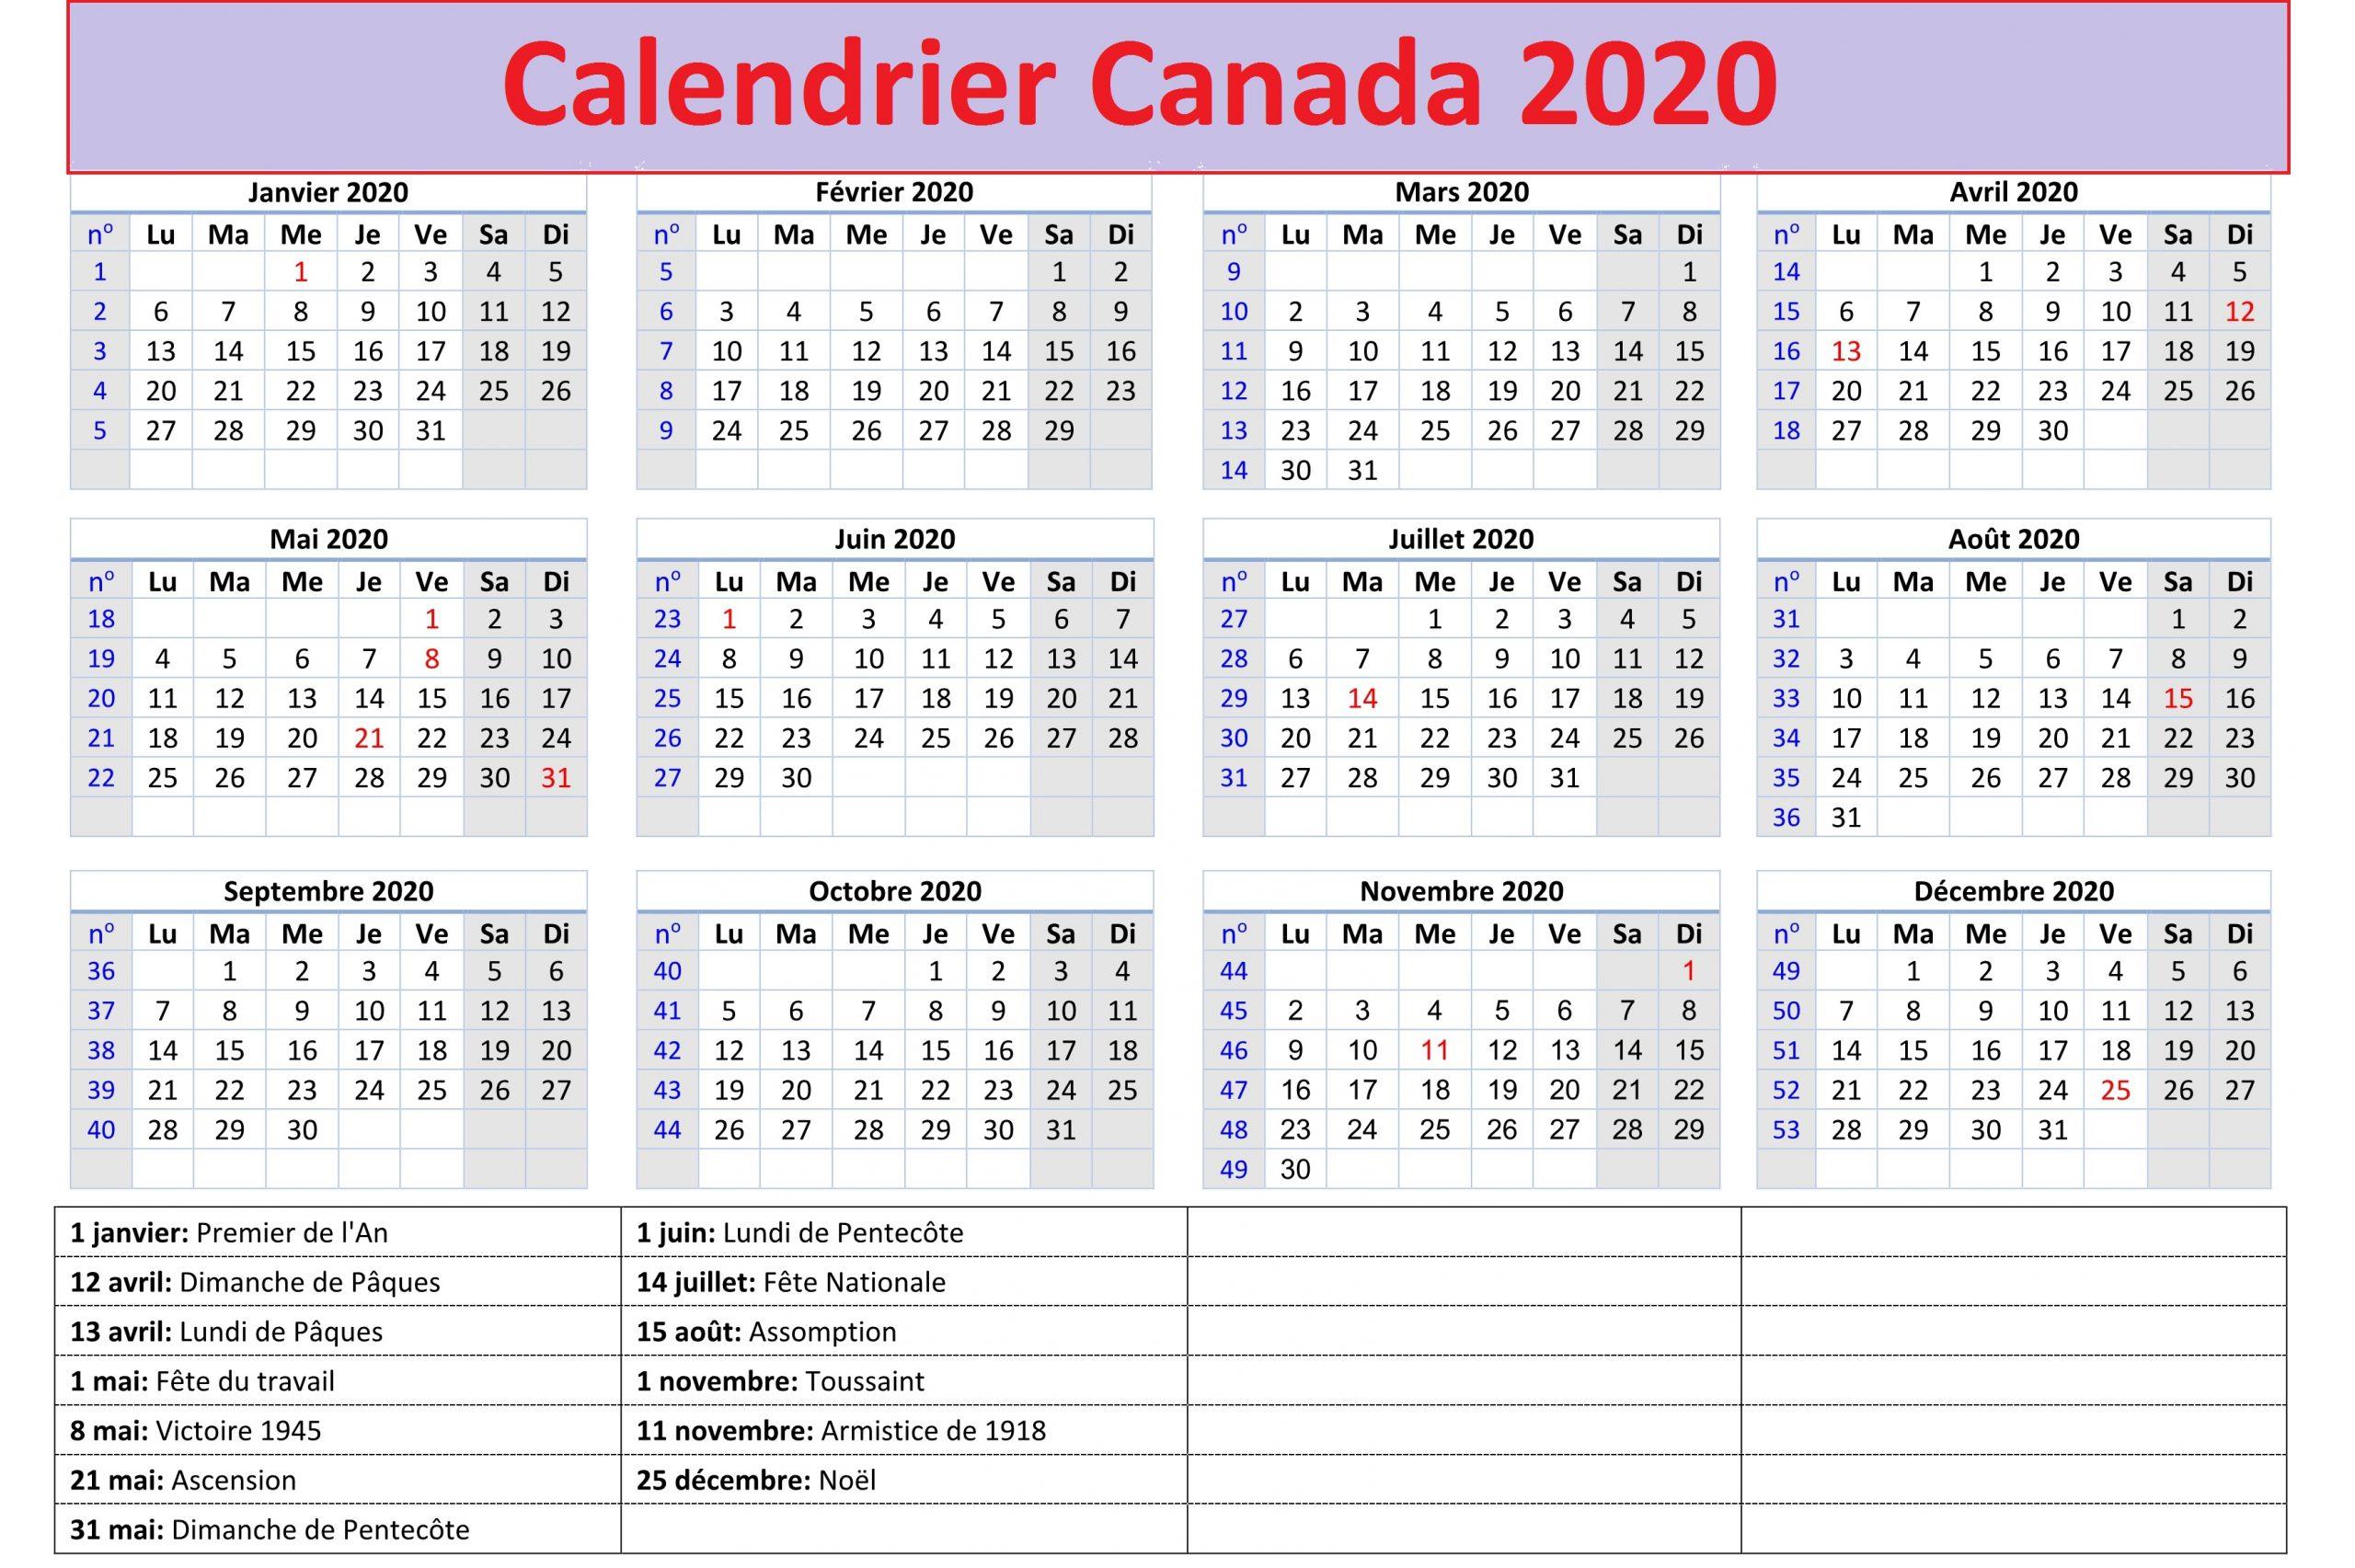 Calendrier 2020 Canada Avec Jours Feries